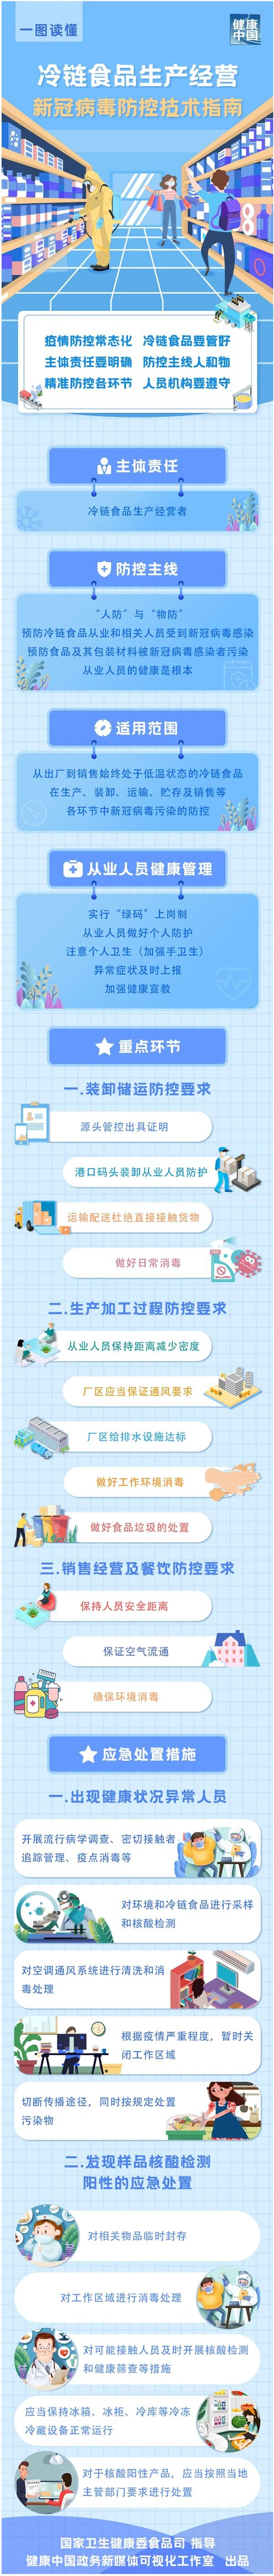 冷链食品生产经营新冠病毒防控技术指南